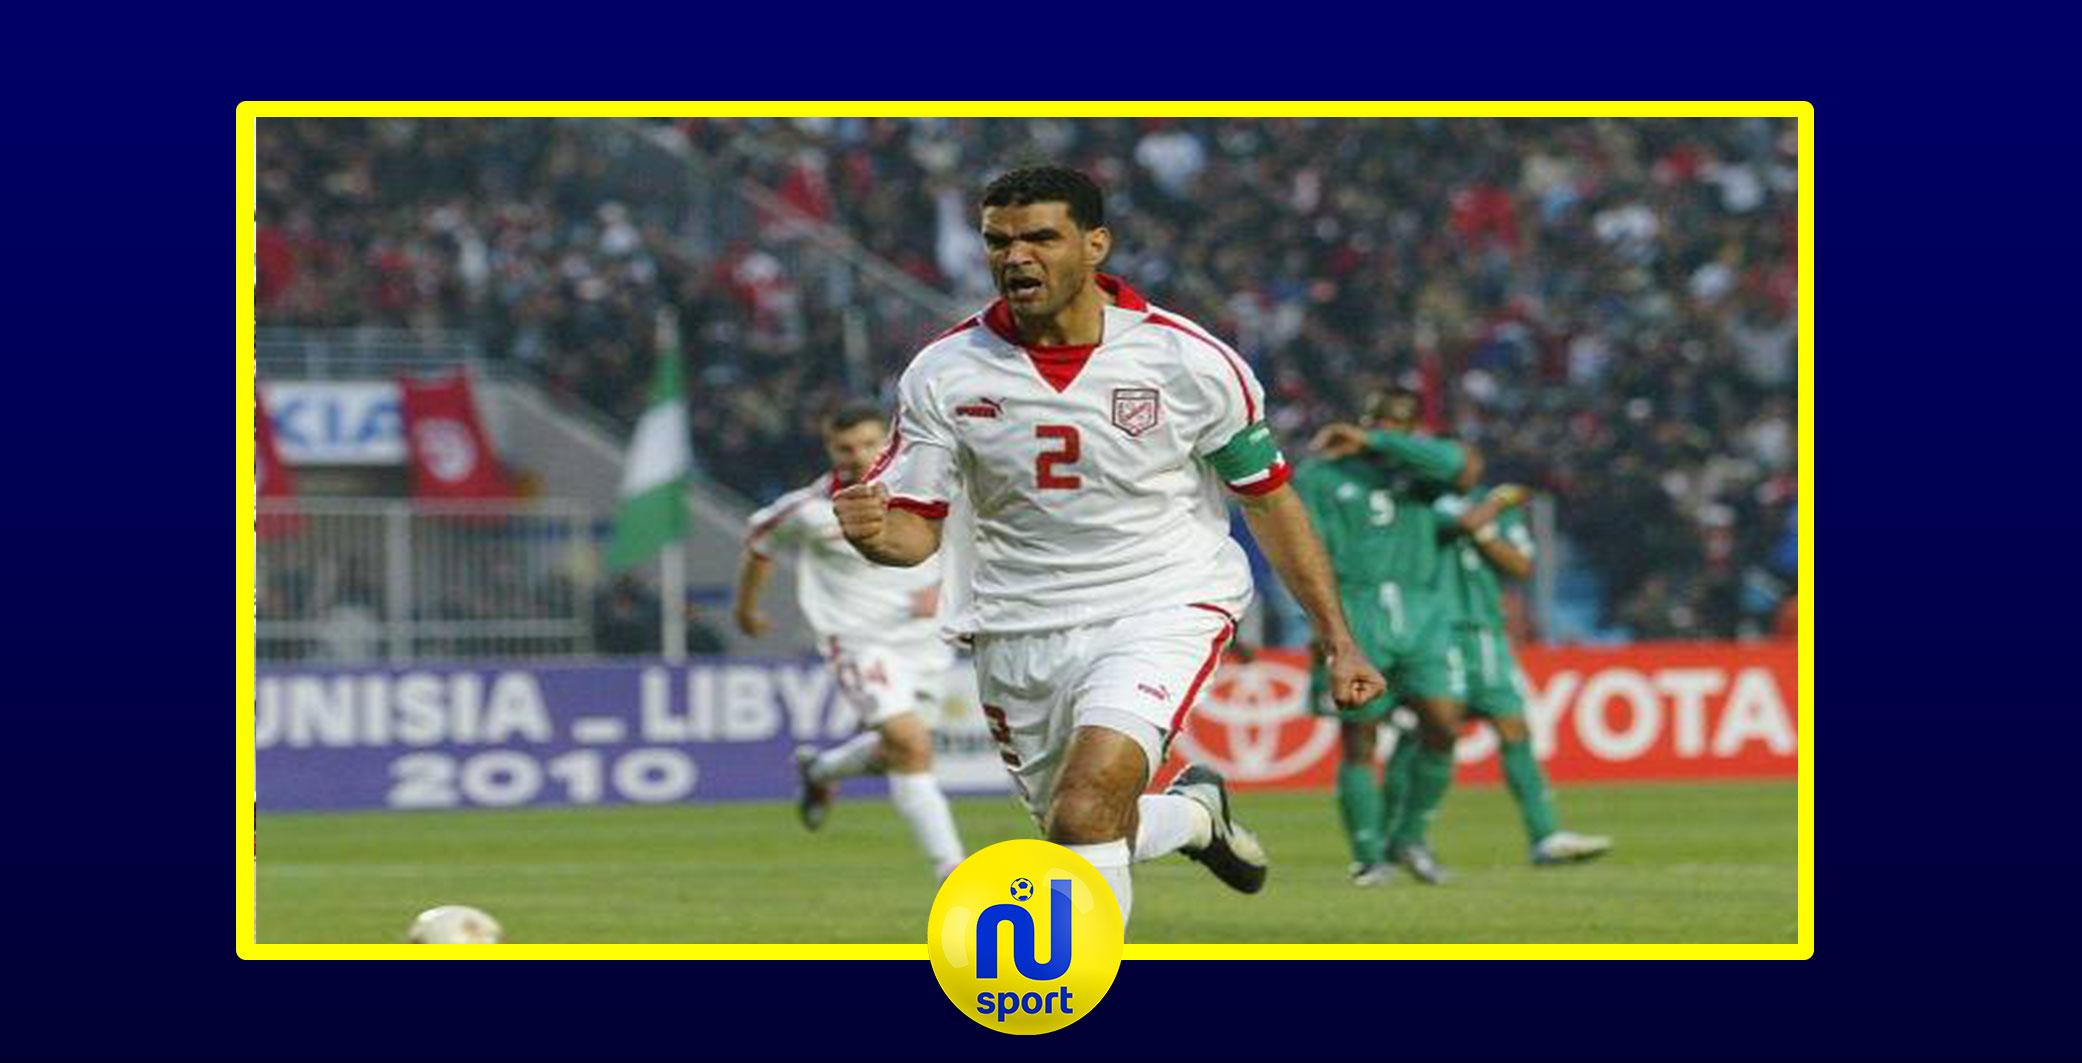 خالد بدرة: من المؤسف أن يحمل أشباه اللاعبين ألوان الإفريقي